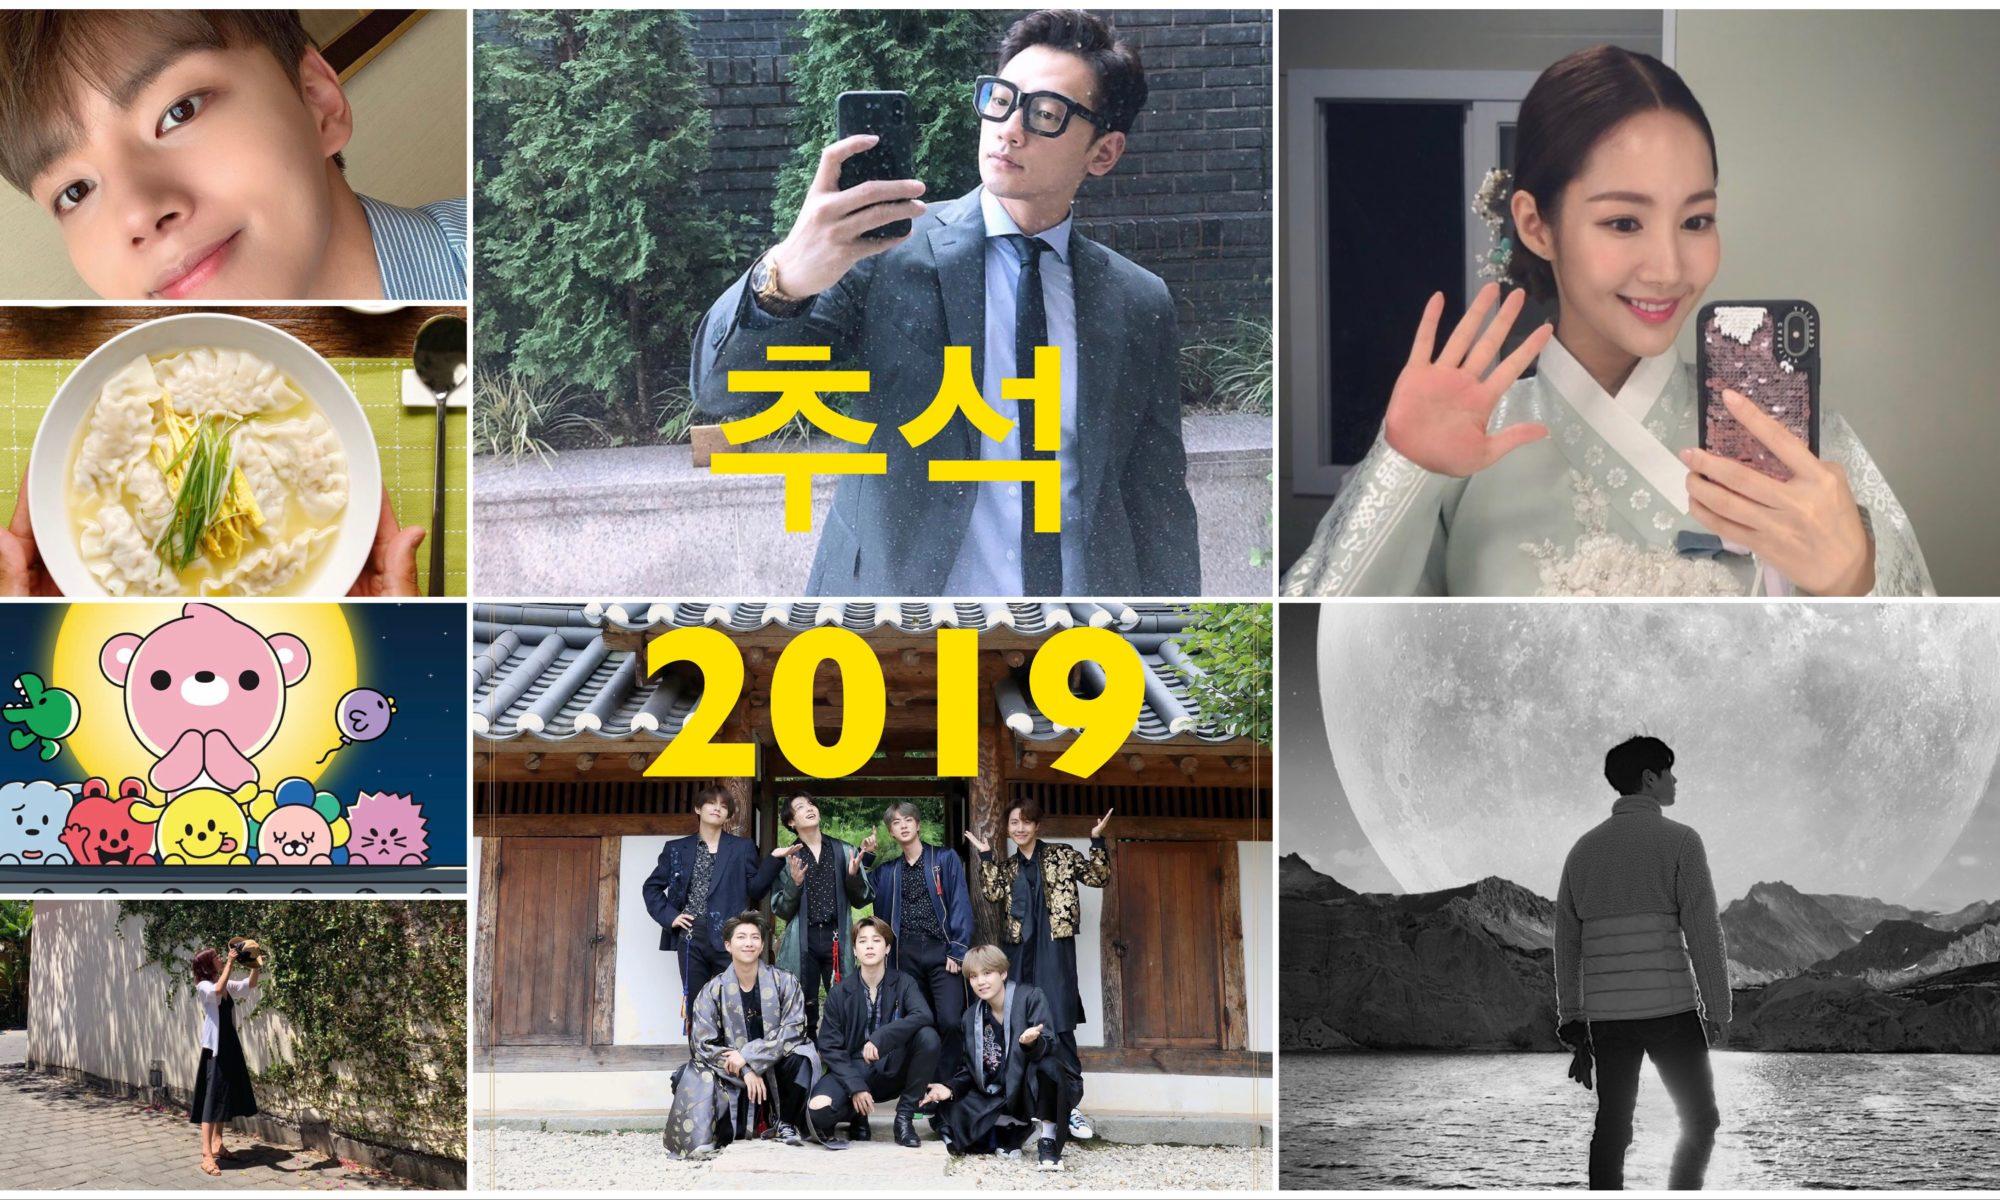 Acción de gracias: Chuseok 추석 2019